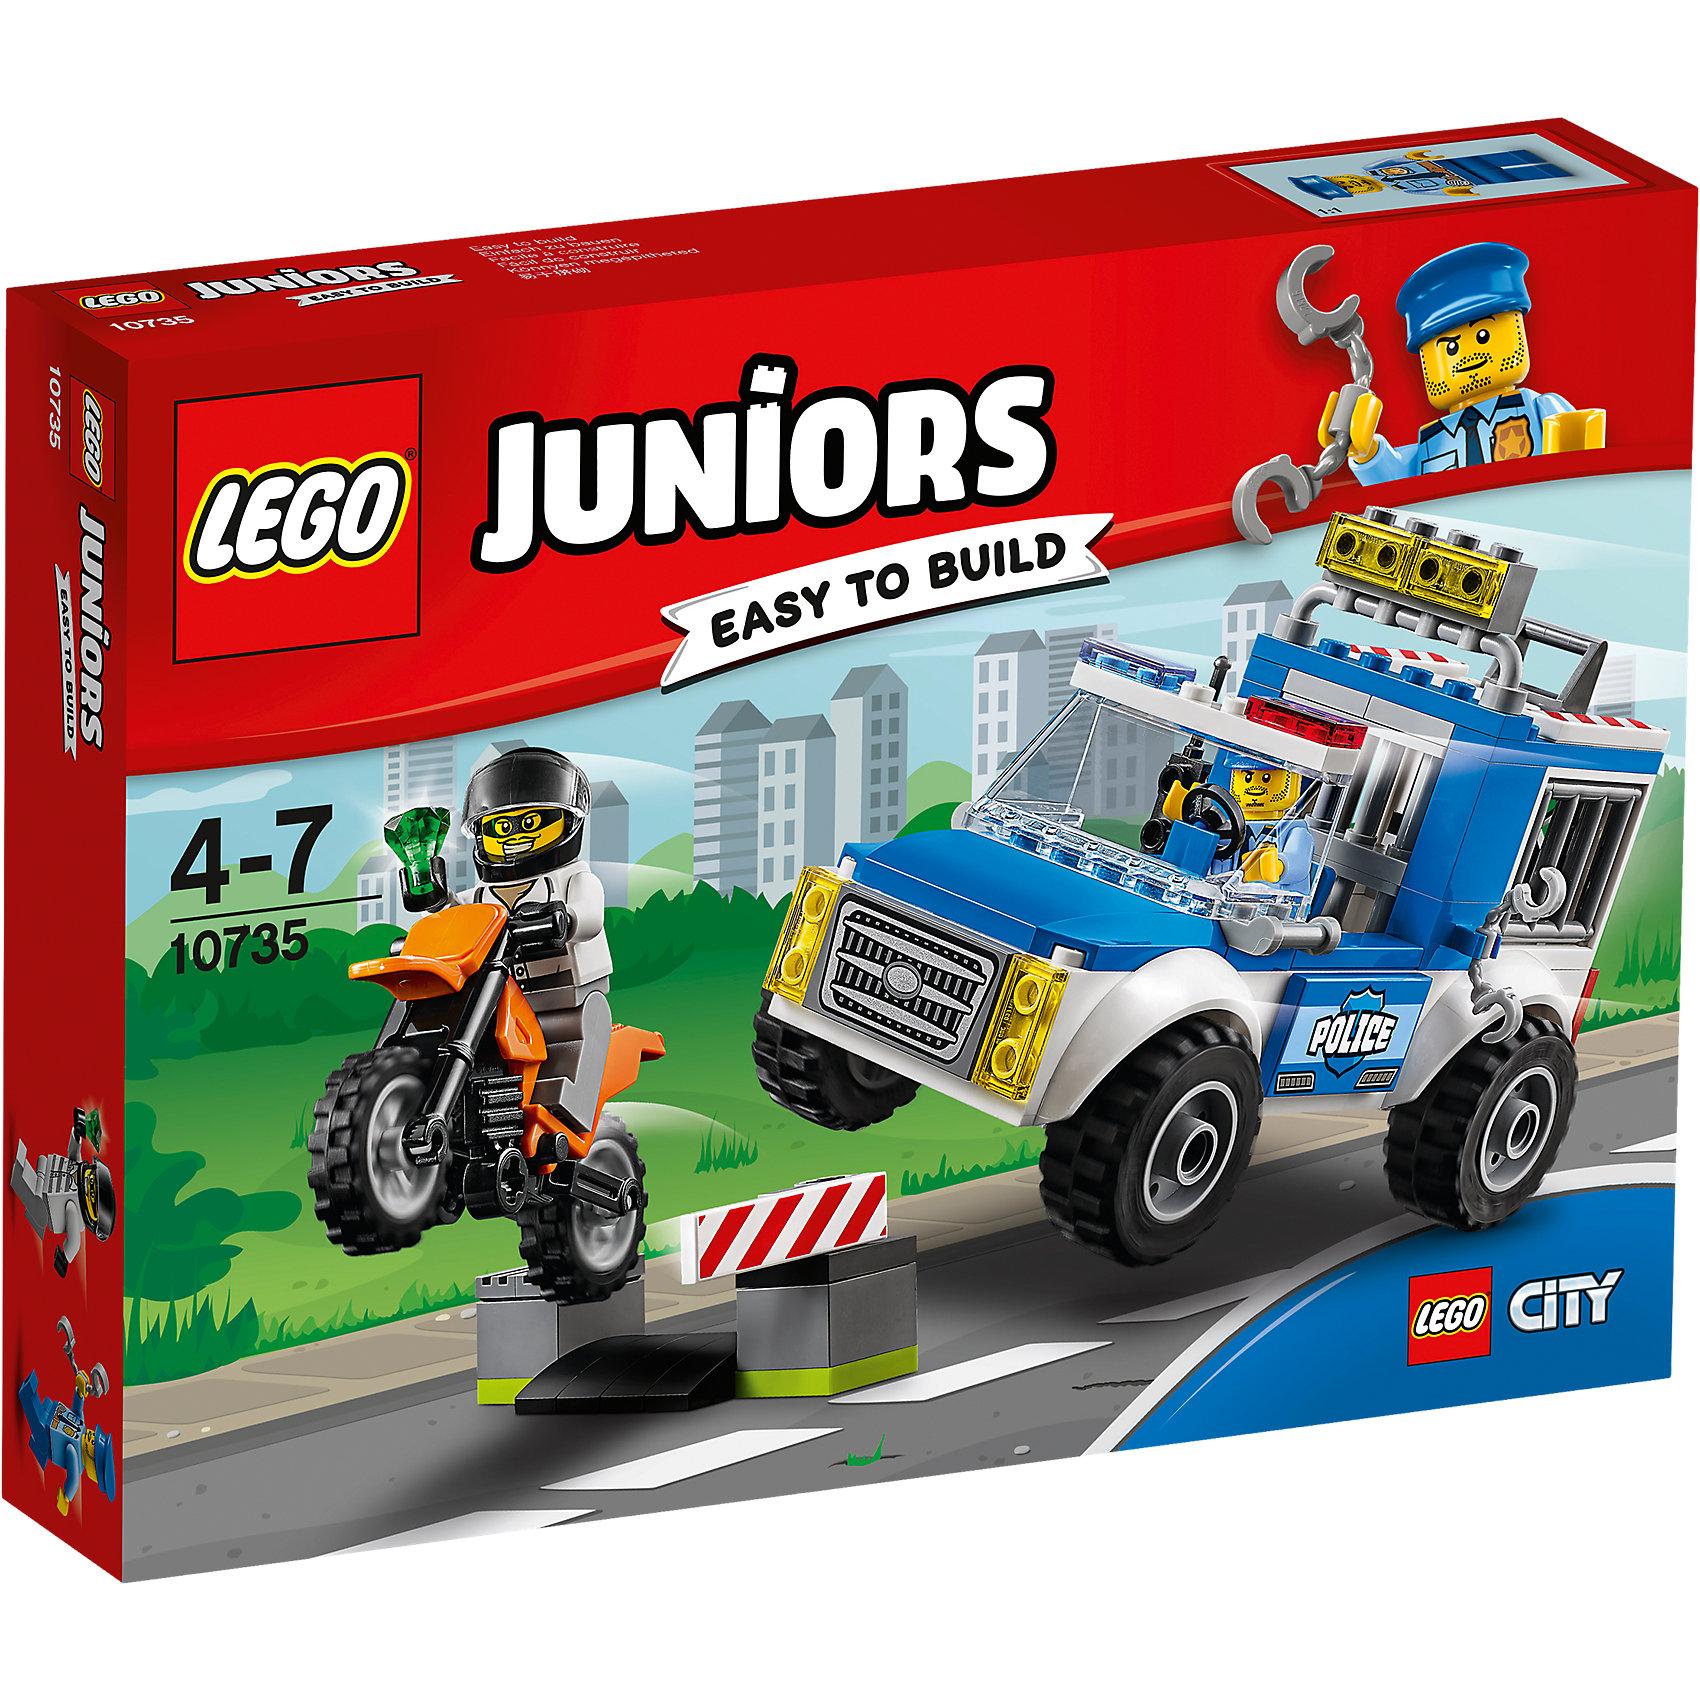 LEGO Juniors 10735: Погоня на полицейском грузовикеLEGO Juniors 10735: Погоня на полицейском грузовике<br><br>Характеристики:<br><br>- в набор входит: детали полицейской машины, мотоцикла, 2 минифигурки, аксессуары, красочная инструкция<br>- минифигурки набора: полицейский и преступник<br>- состав: пластик<br>- количество деталей: 90 <br>- размер упаковки: 26 * 5 * 19 см.<br>- для детей в возрасте: от 4 до 7 лет<br>- Страна производитель: Дания/Китай/Чехия<br><br>Легендарный конструктор LEGO (ЛЕГО) представляет серию «Juniors» (Джуниорс) для новичков в строительстве из конструктора ЛЕГО. Набор «Погоня на полицейском грузовике» включает в себя два транспортных средства: мотоцикл (6 * 3 * 5 см.), полицейская машина (13 * 6 * 8 см.). В полицейской машине имеется отсек для арестованных преступников. В набор входят две минифигурки: самого полицейского в униформе с рацией и наручниками, и преступника в шлеме и с украденным изумрудом. Небольшая постройка со шлагбаумом для засад позволяет игре быть еще более реалистичной. Играя с конструктором ребенок развивает моторику рук, воображение и логическое мышление. Придумывайте новые игры с набором LEGO «Juniors»!<br><br>Конструктор LEGO Juniors 10735: Погоня на полицейском грузовике можно купить в нашем интернет-магазине.<br><br>Ширина мм: 263<br>Глубина мм: 190<br>Высота мм: 48<br>Вес г: 267<br>Возраст от месяцев: 48<br>Возраст до месяцев: 84<br>Пол: Мужской<br>Возраст: Детский<br>SKU: 5002511